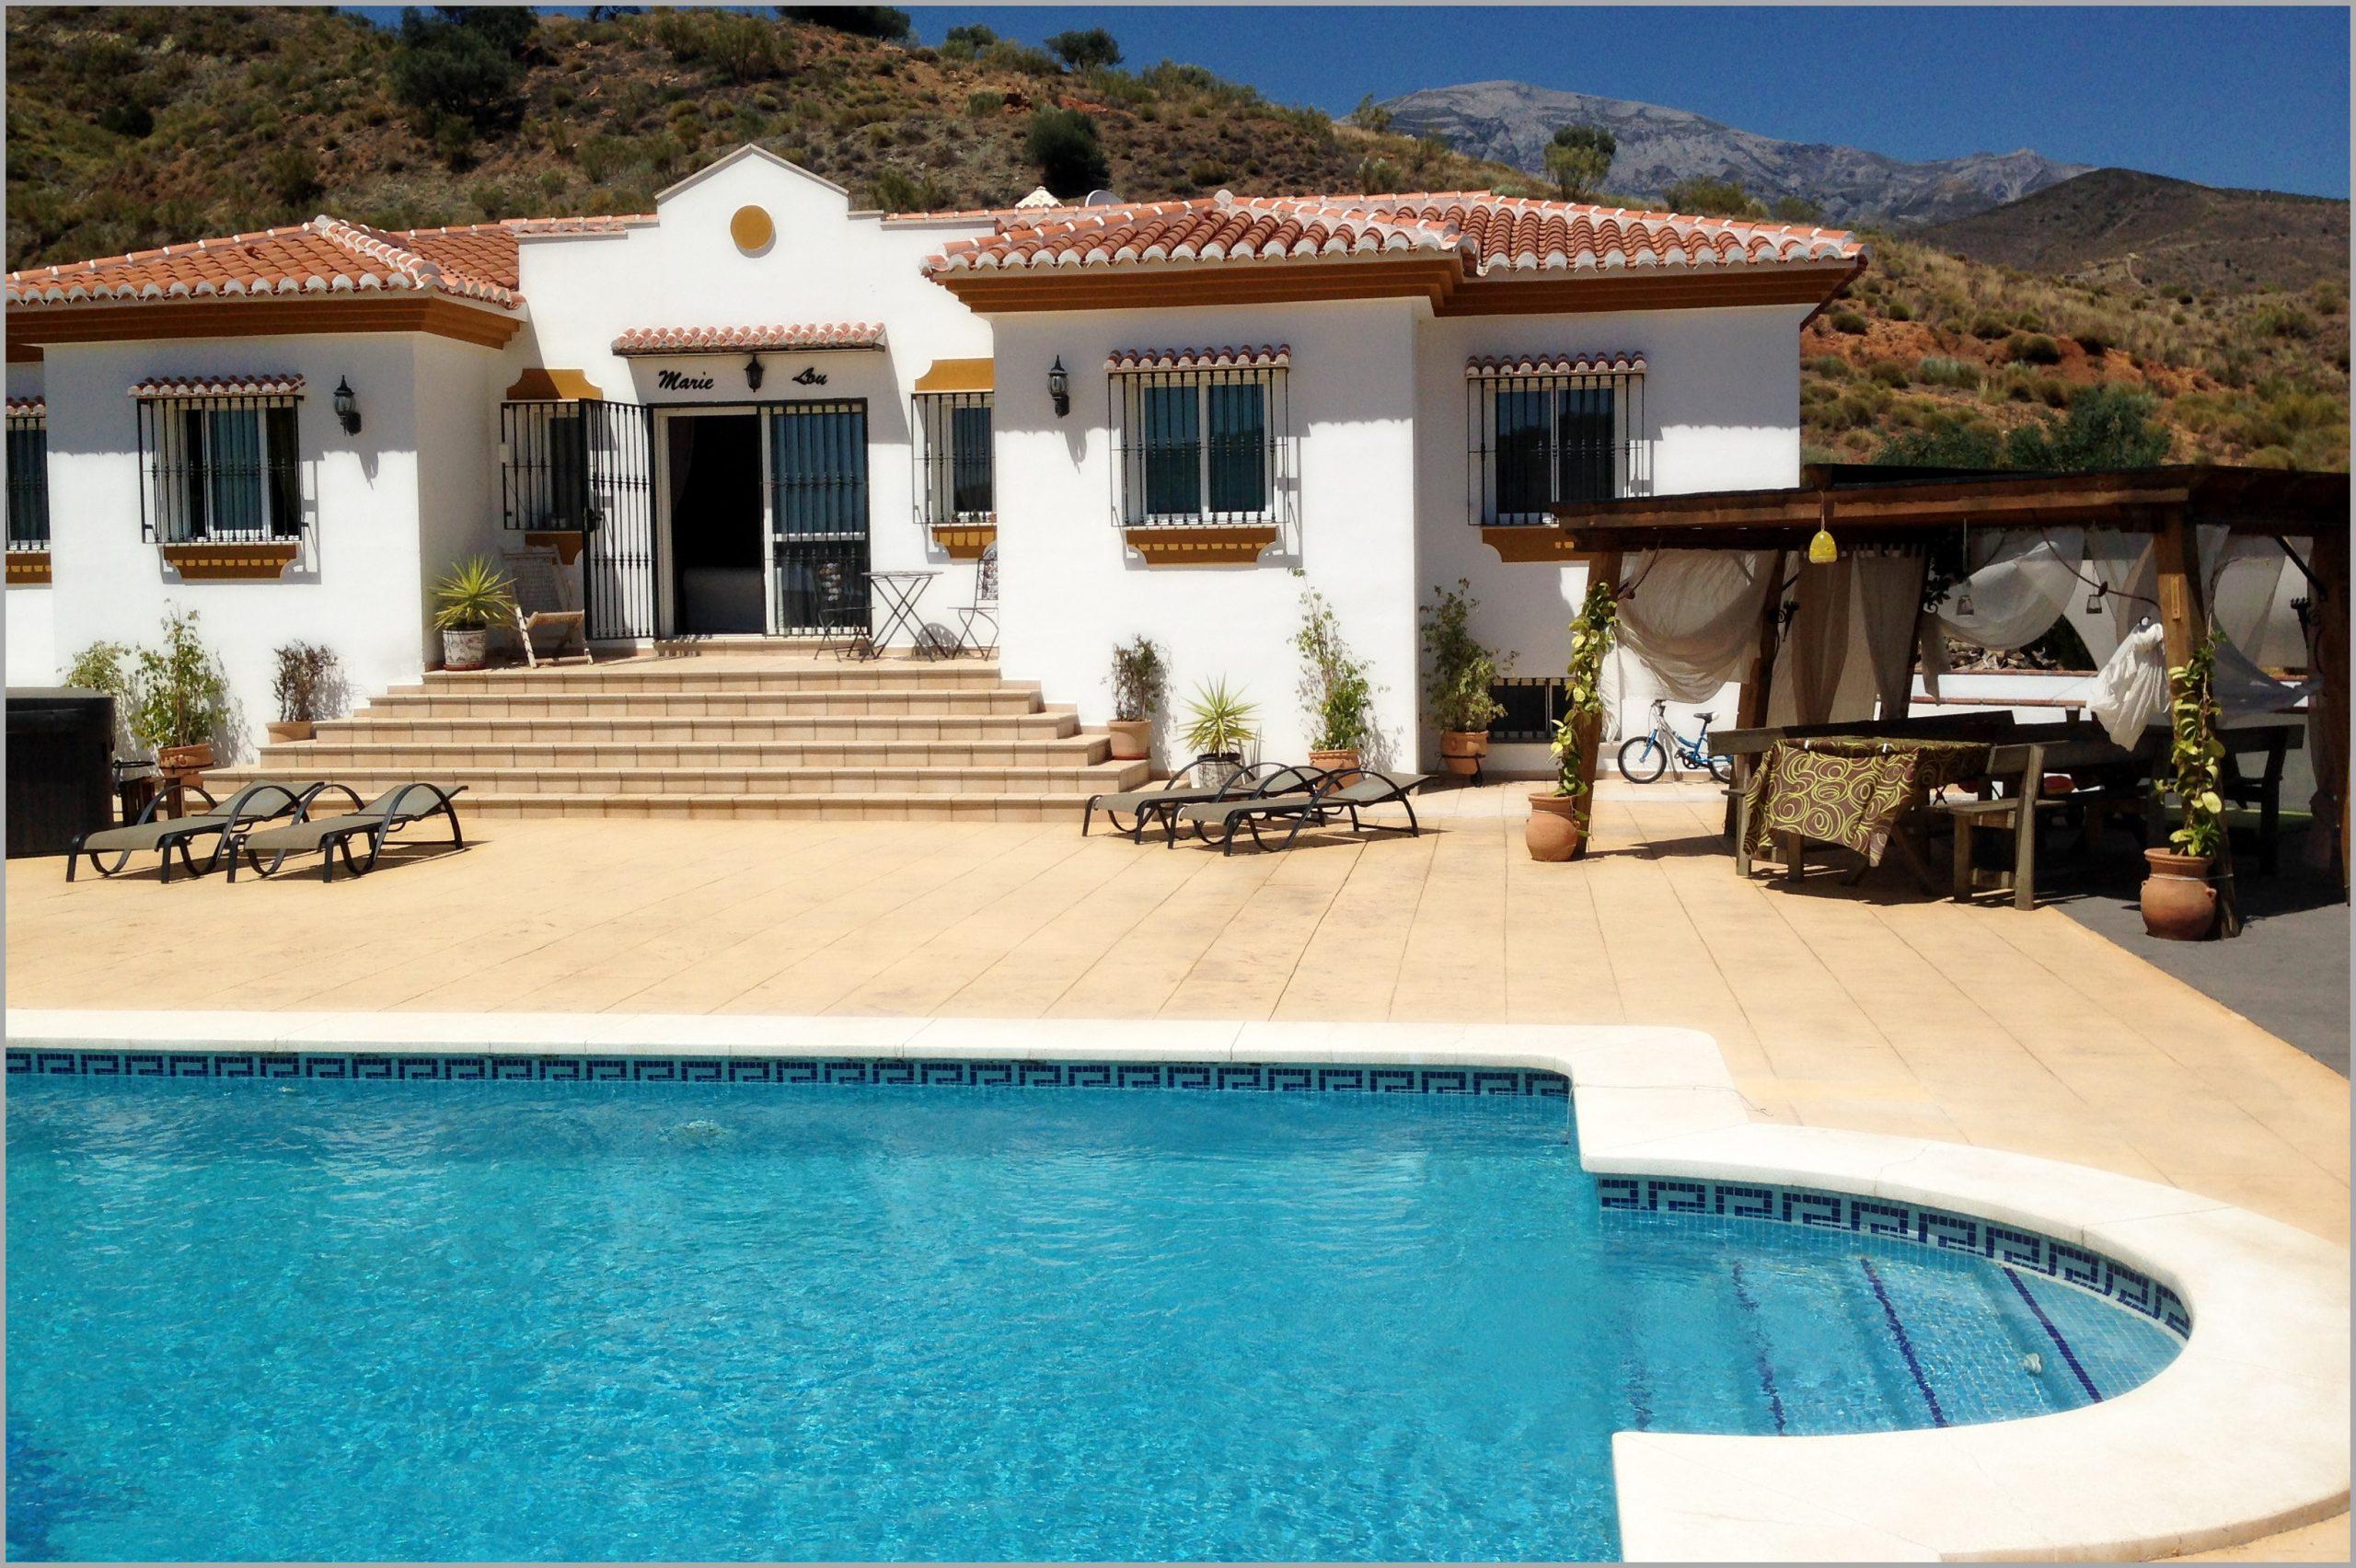 Location Maison Avec Piscine Sans Vis A Vis Espagne ... concernant Location Maison Espagne Avec Piscine Pas Cher